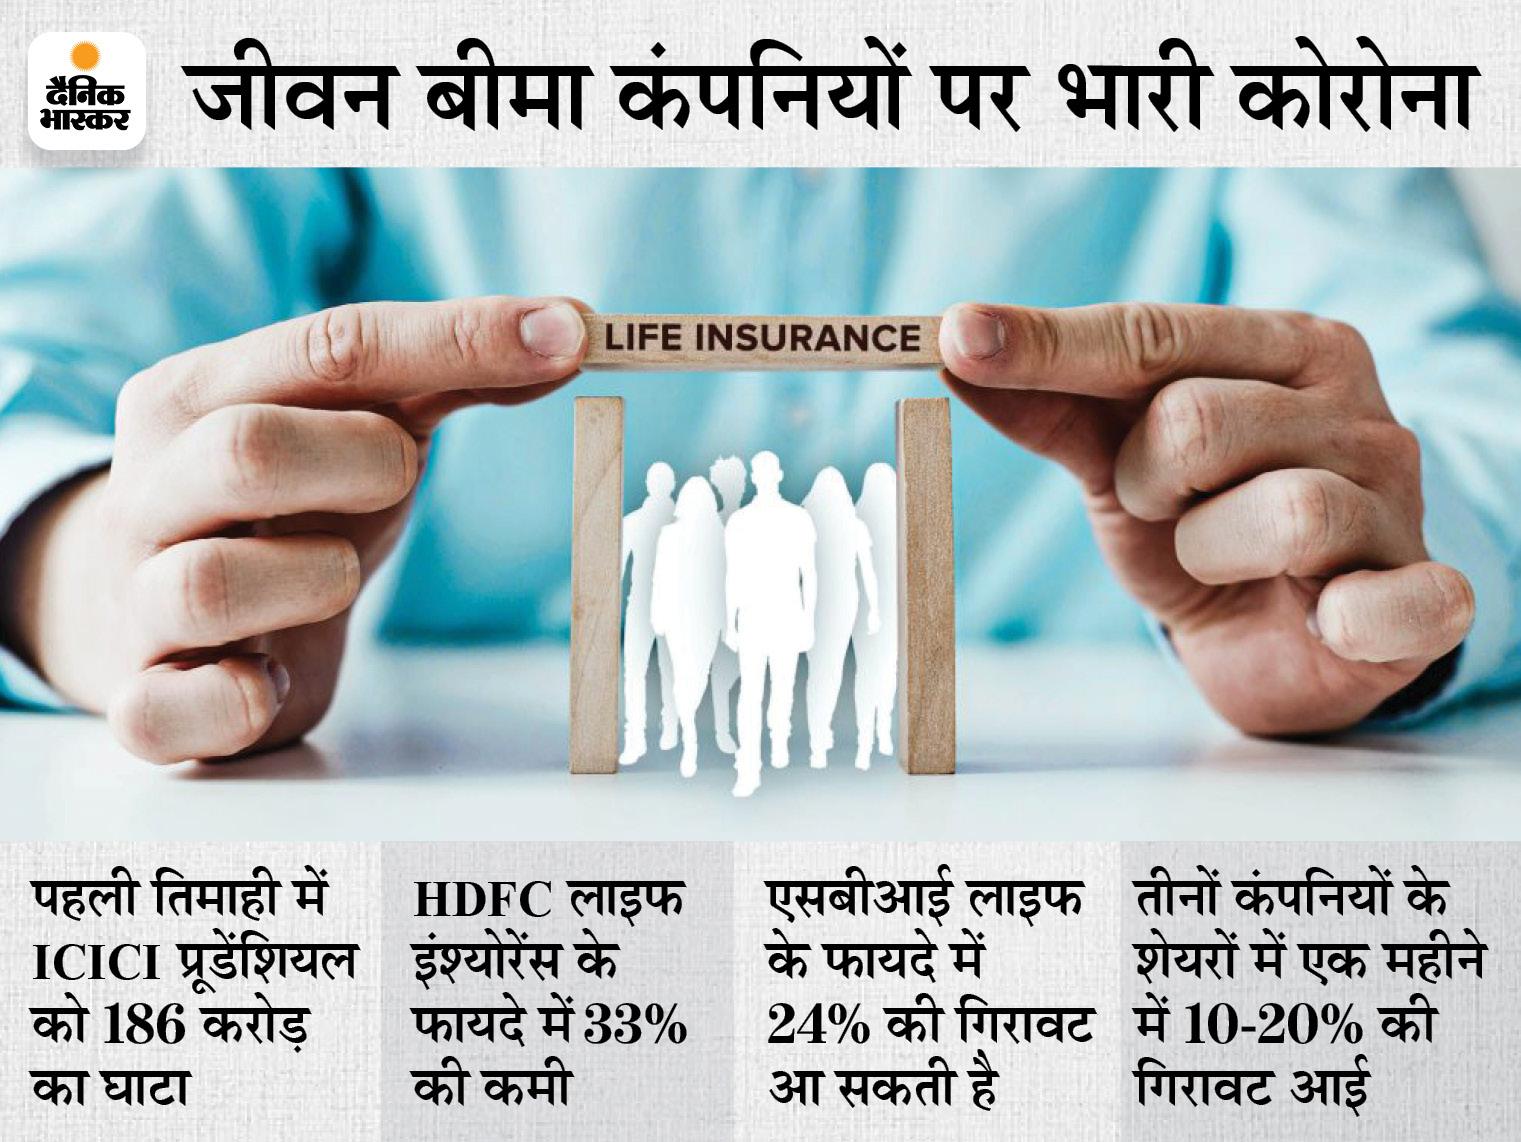 कोविड क्लेम में आई जबरदस्त तेजी, कंपनियों के फायदे पर हुआ इसका असर|बिजनेस,Business - Dainik Bhaskar